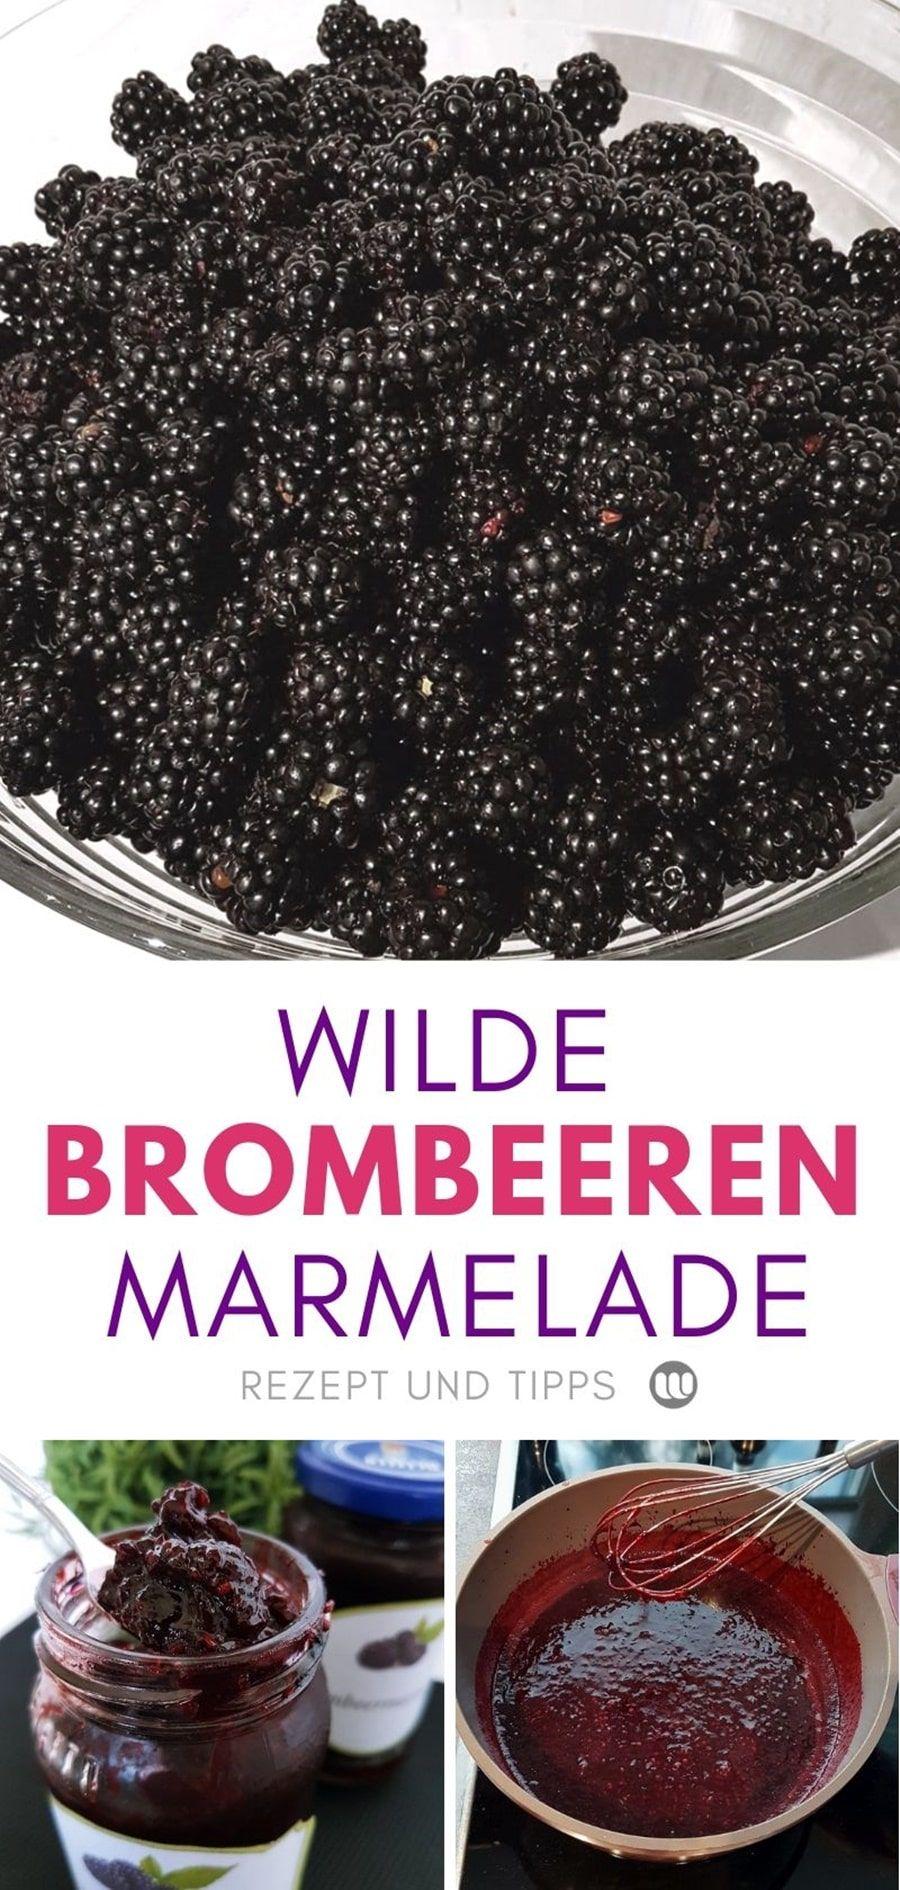 Wilde Brombeeren pflücken: Tipps & Rezept für Brombeermarmelade #brombeerenrezepte